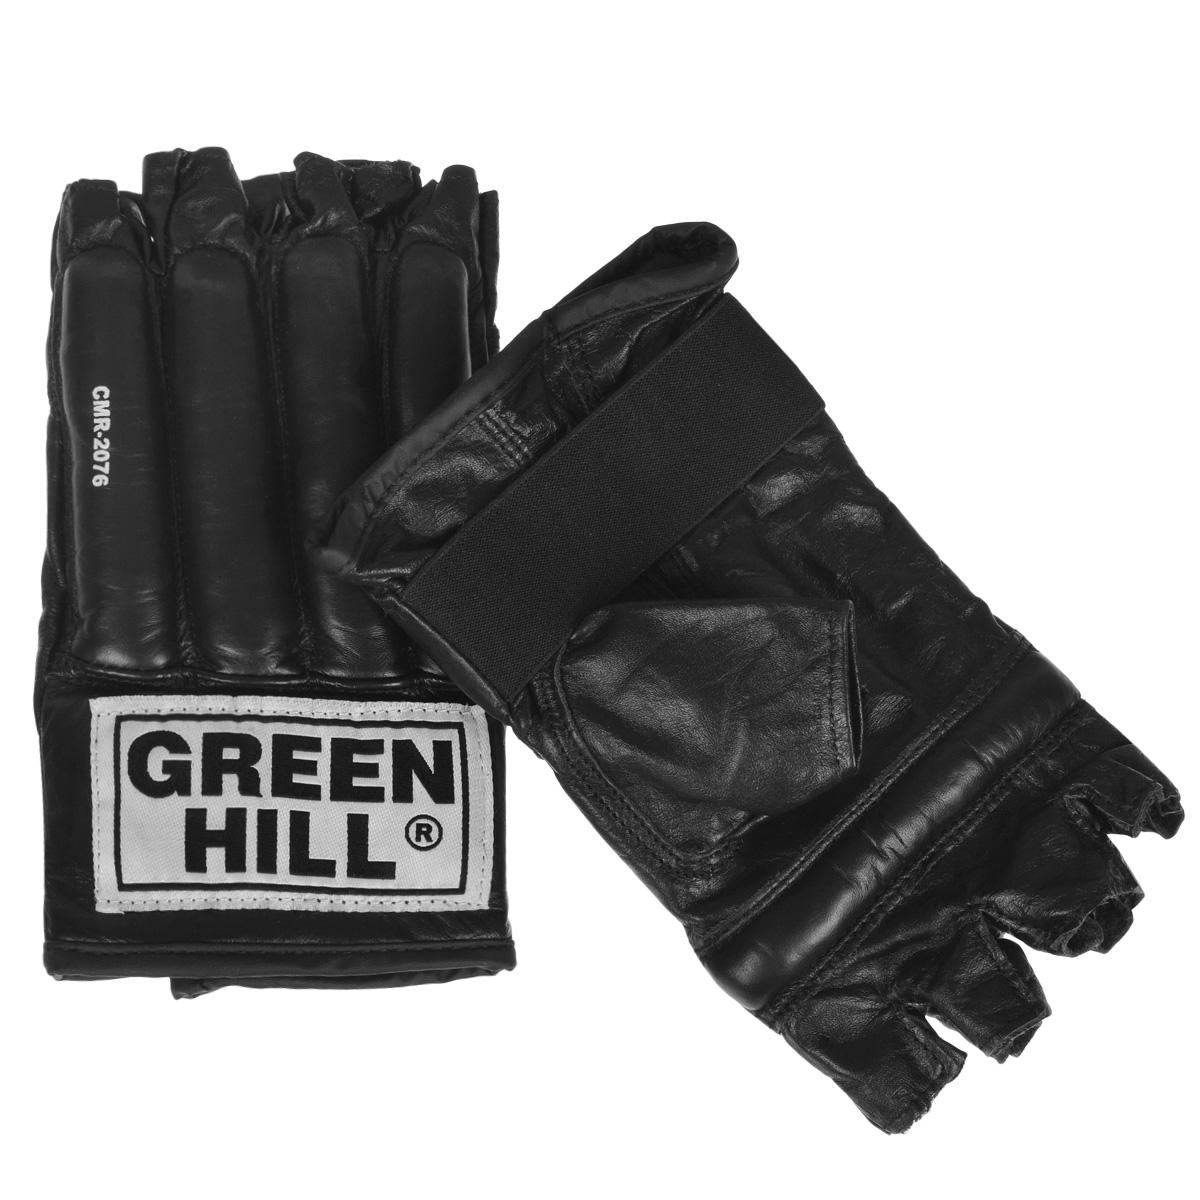 Шингарты для единоборств Green Hill Royal, цвет: черный. Размер S